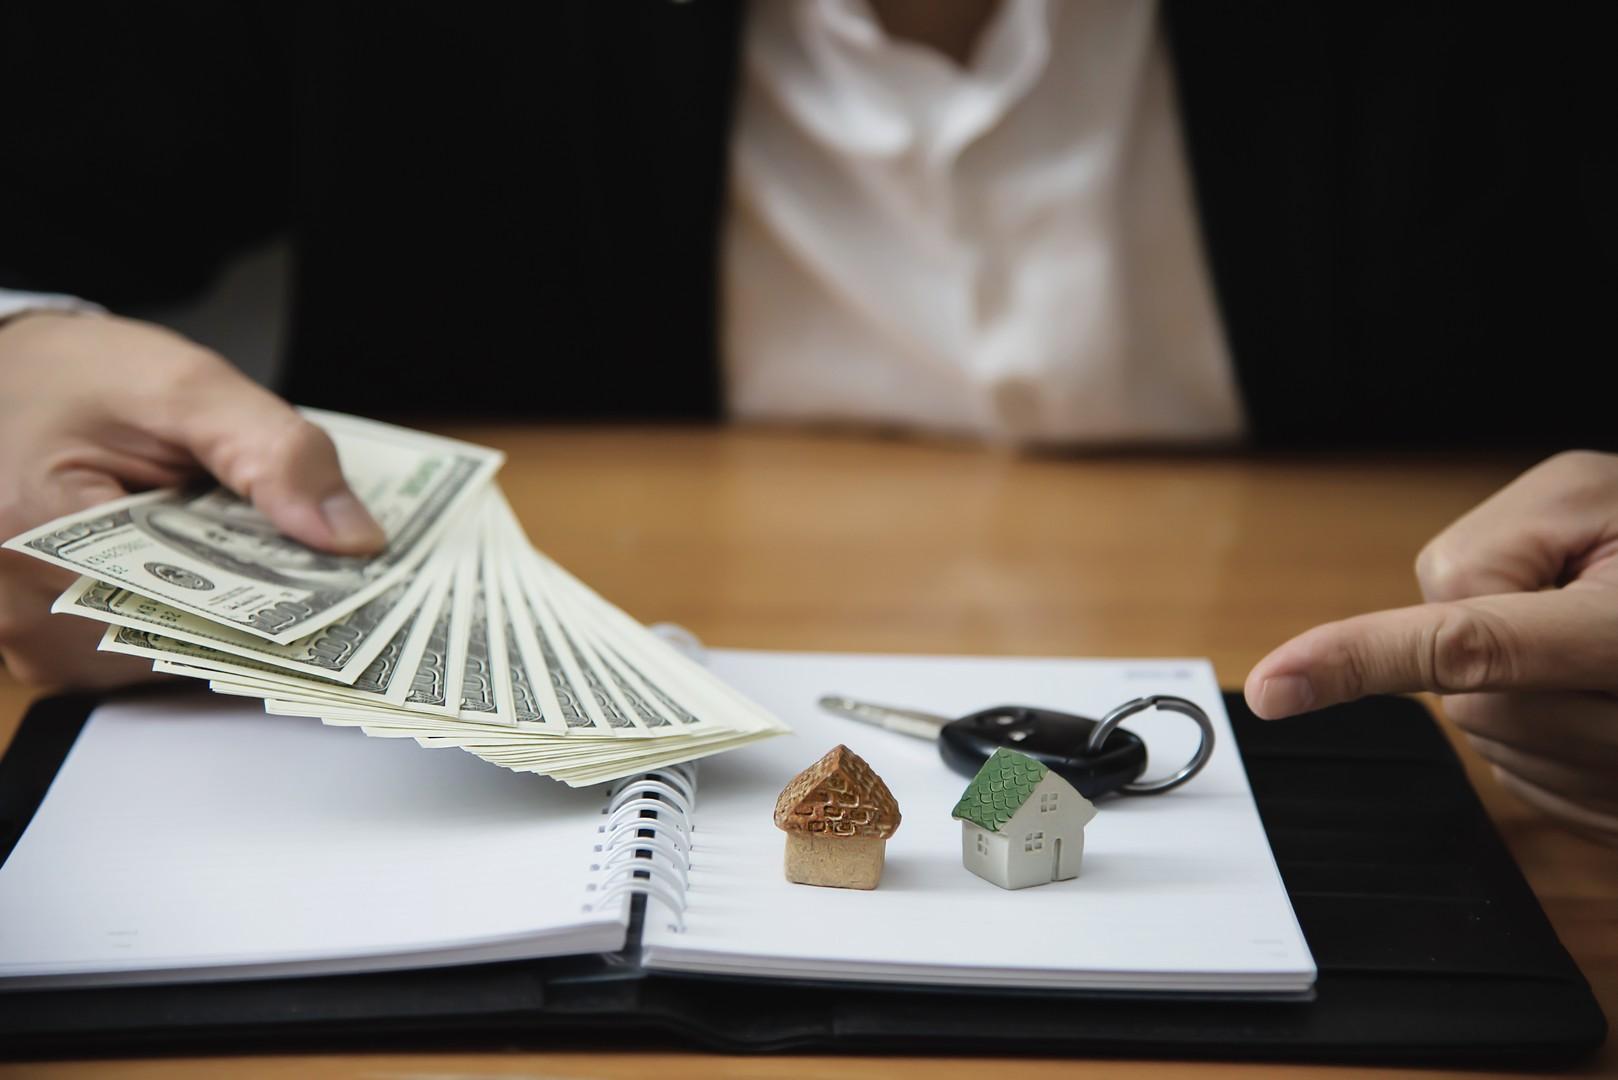 кредиты мужа взятые в браке